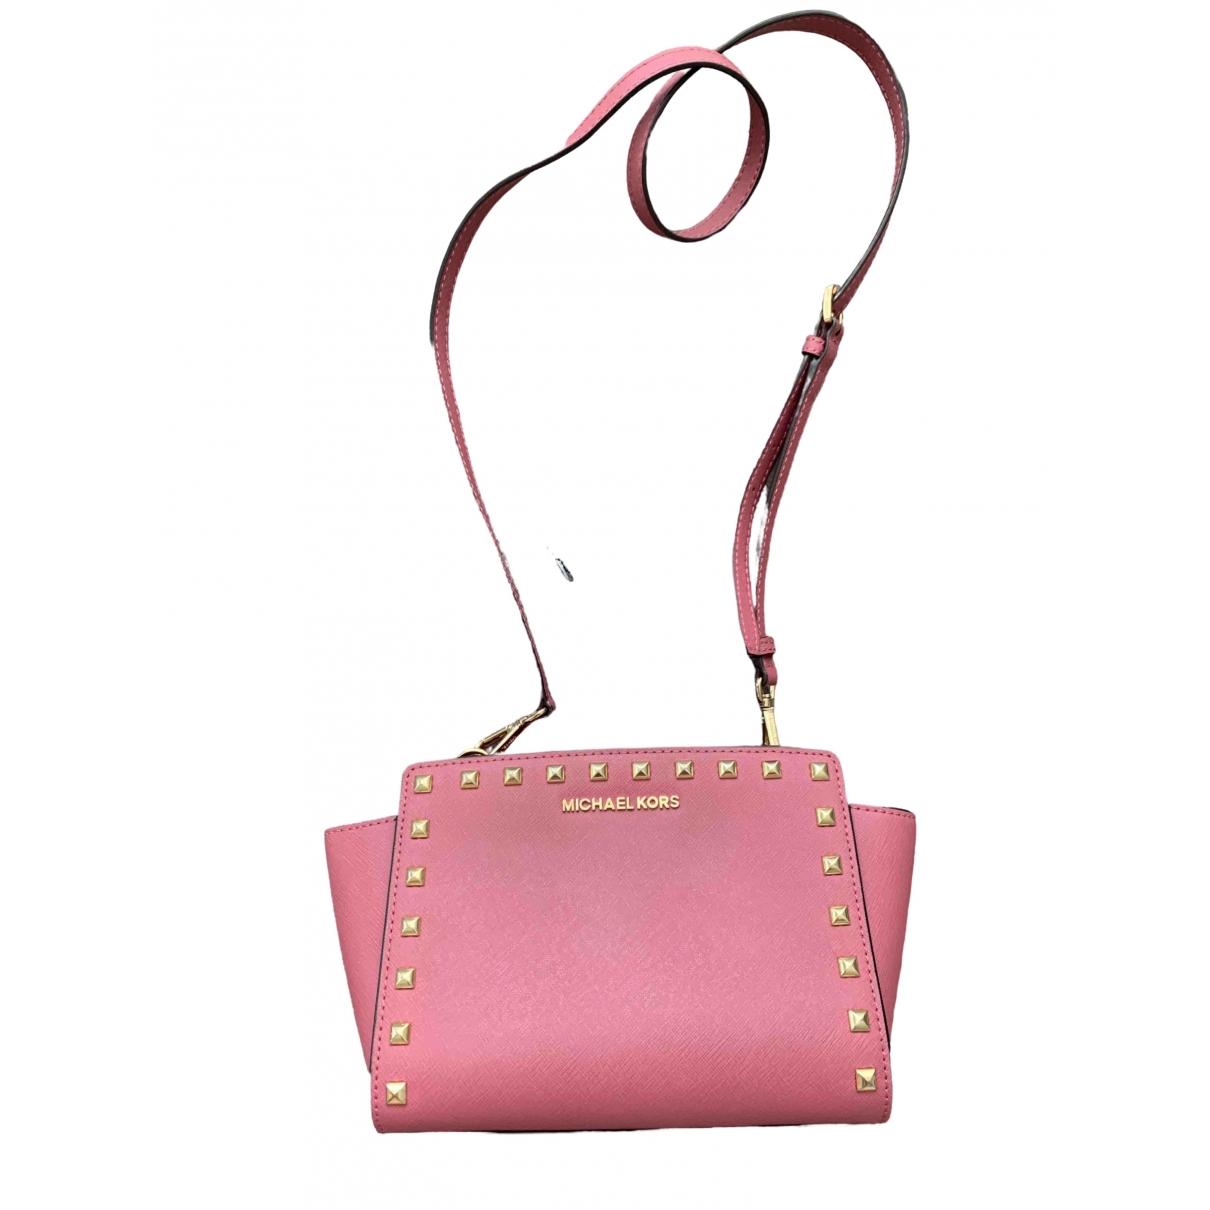 Michael Kors - Pochette   pour femme en cuir - rose